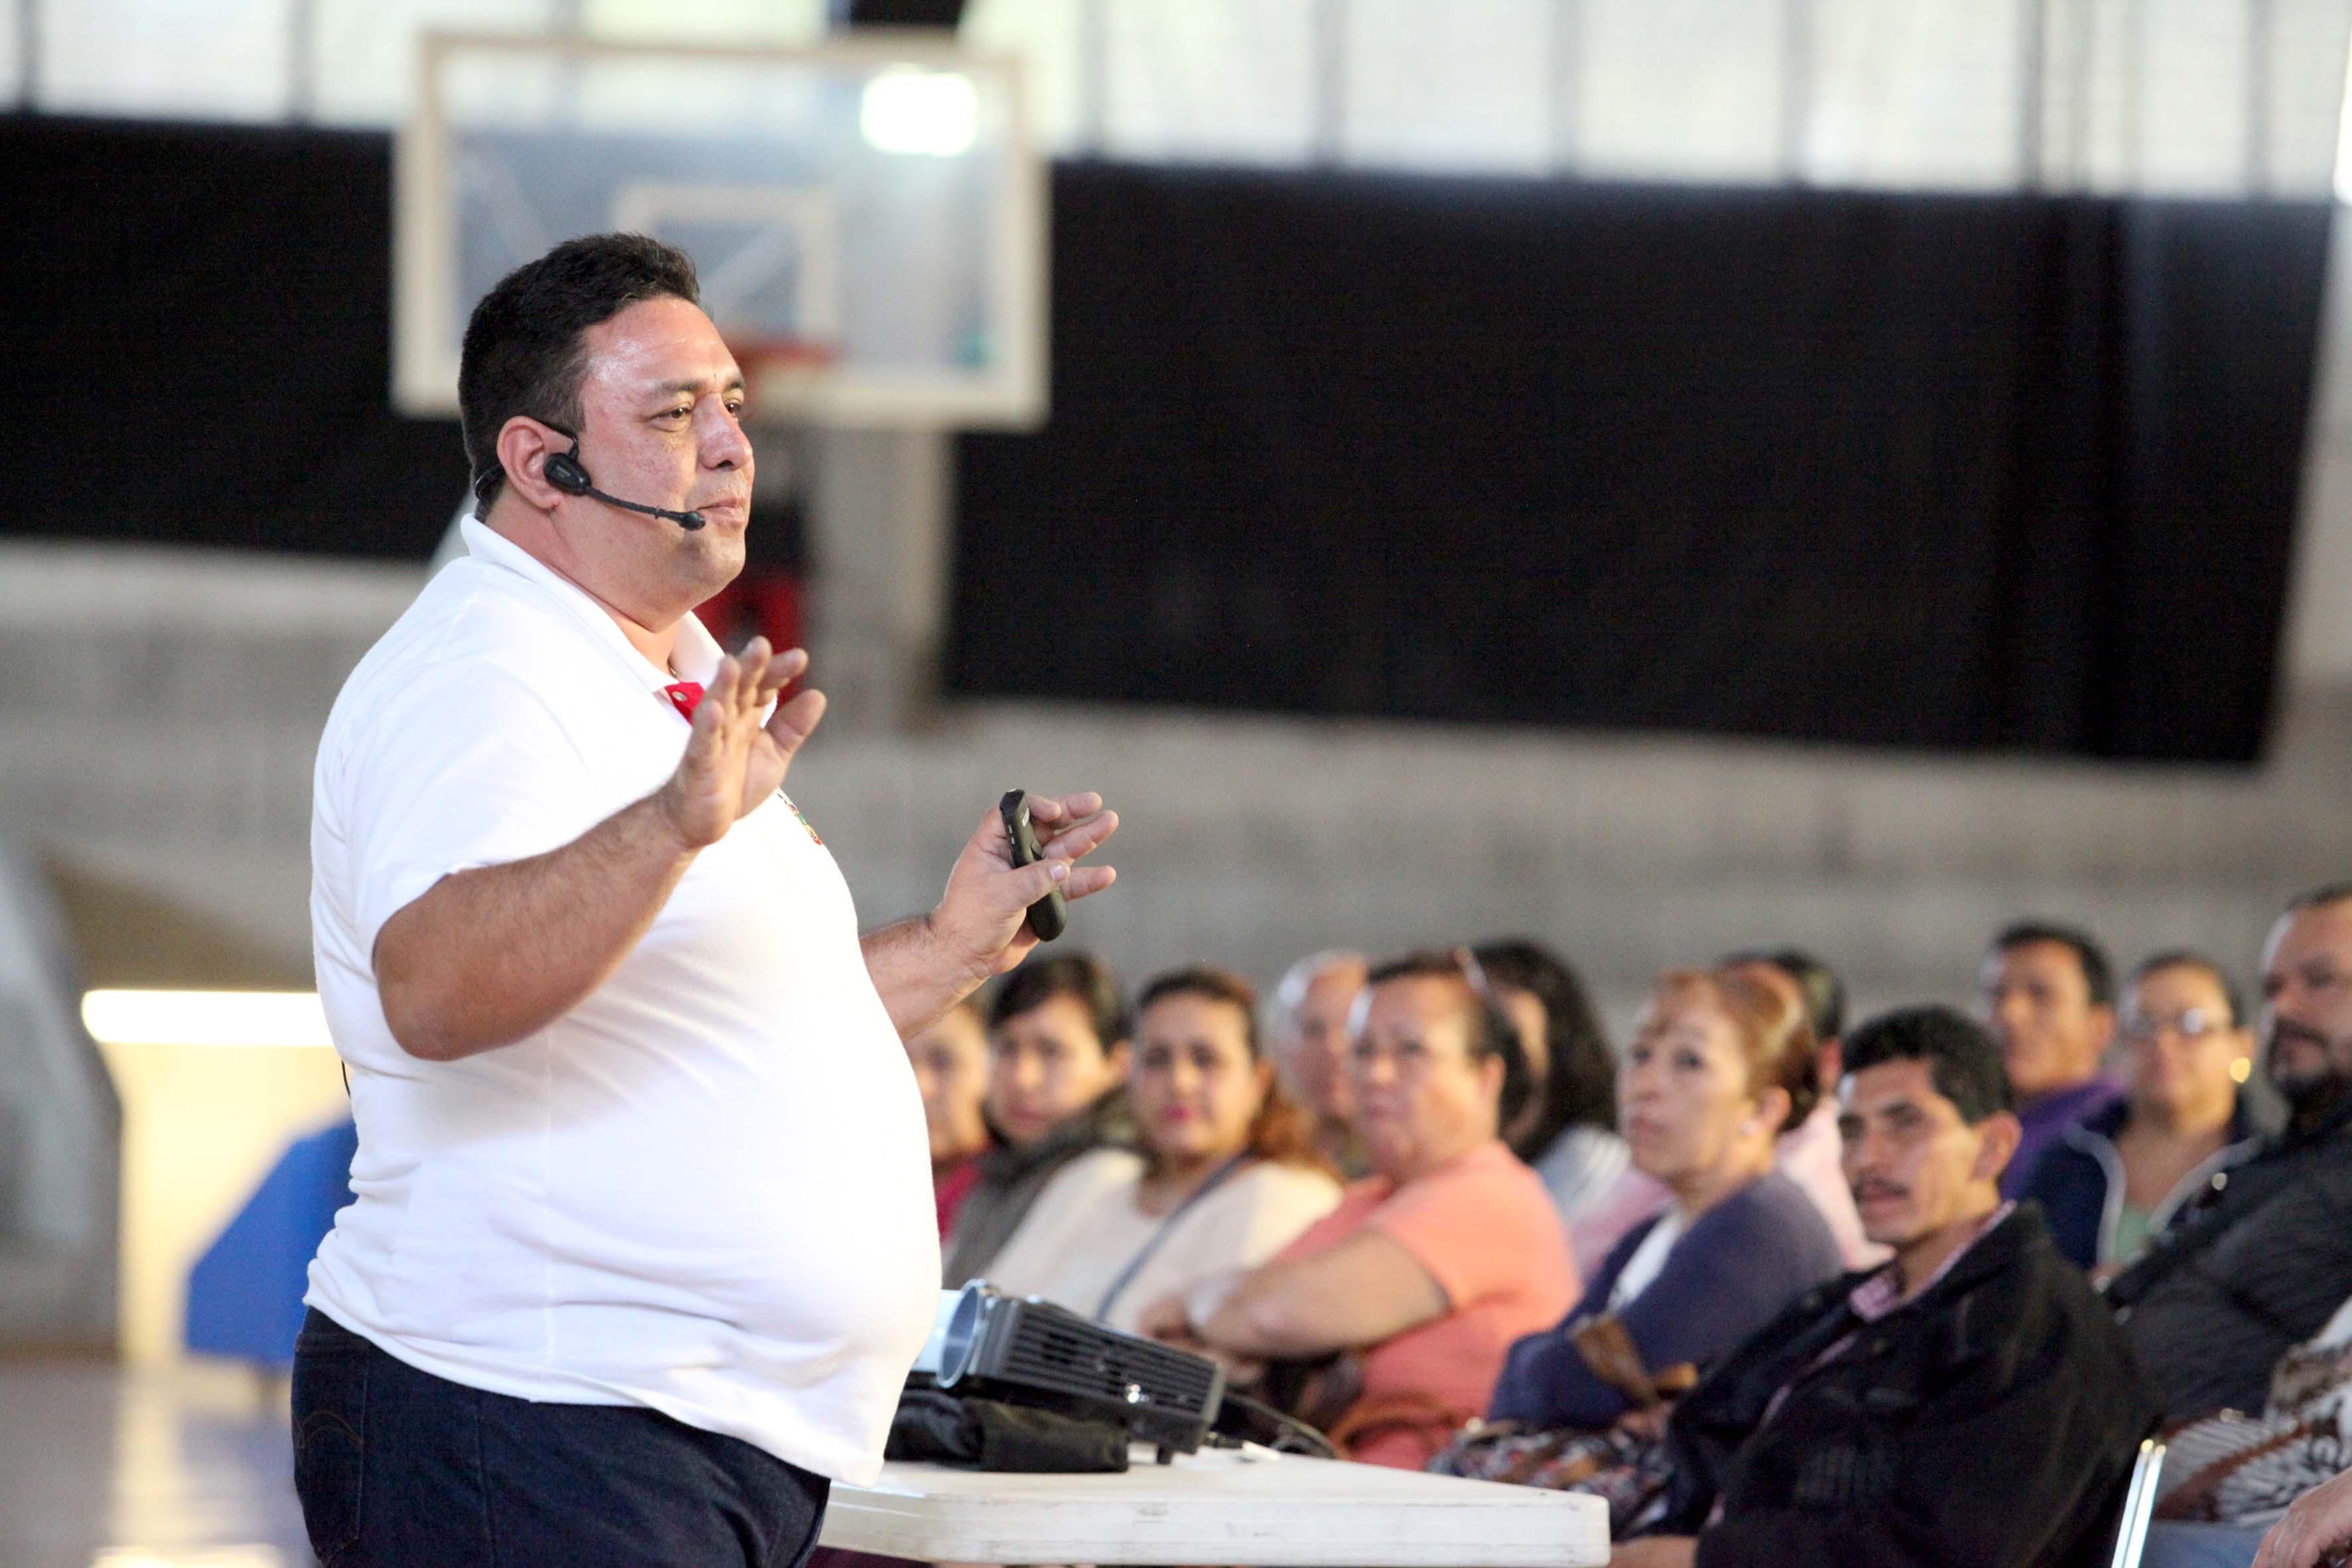 Expositor de la charla haciendo gestos con las manos